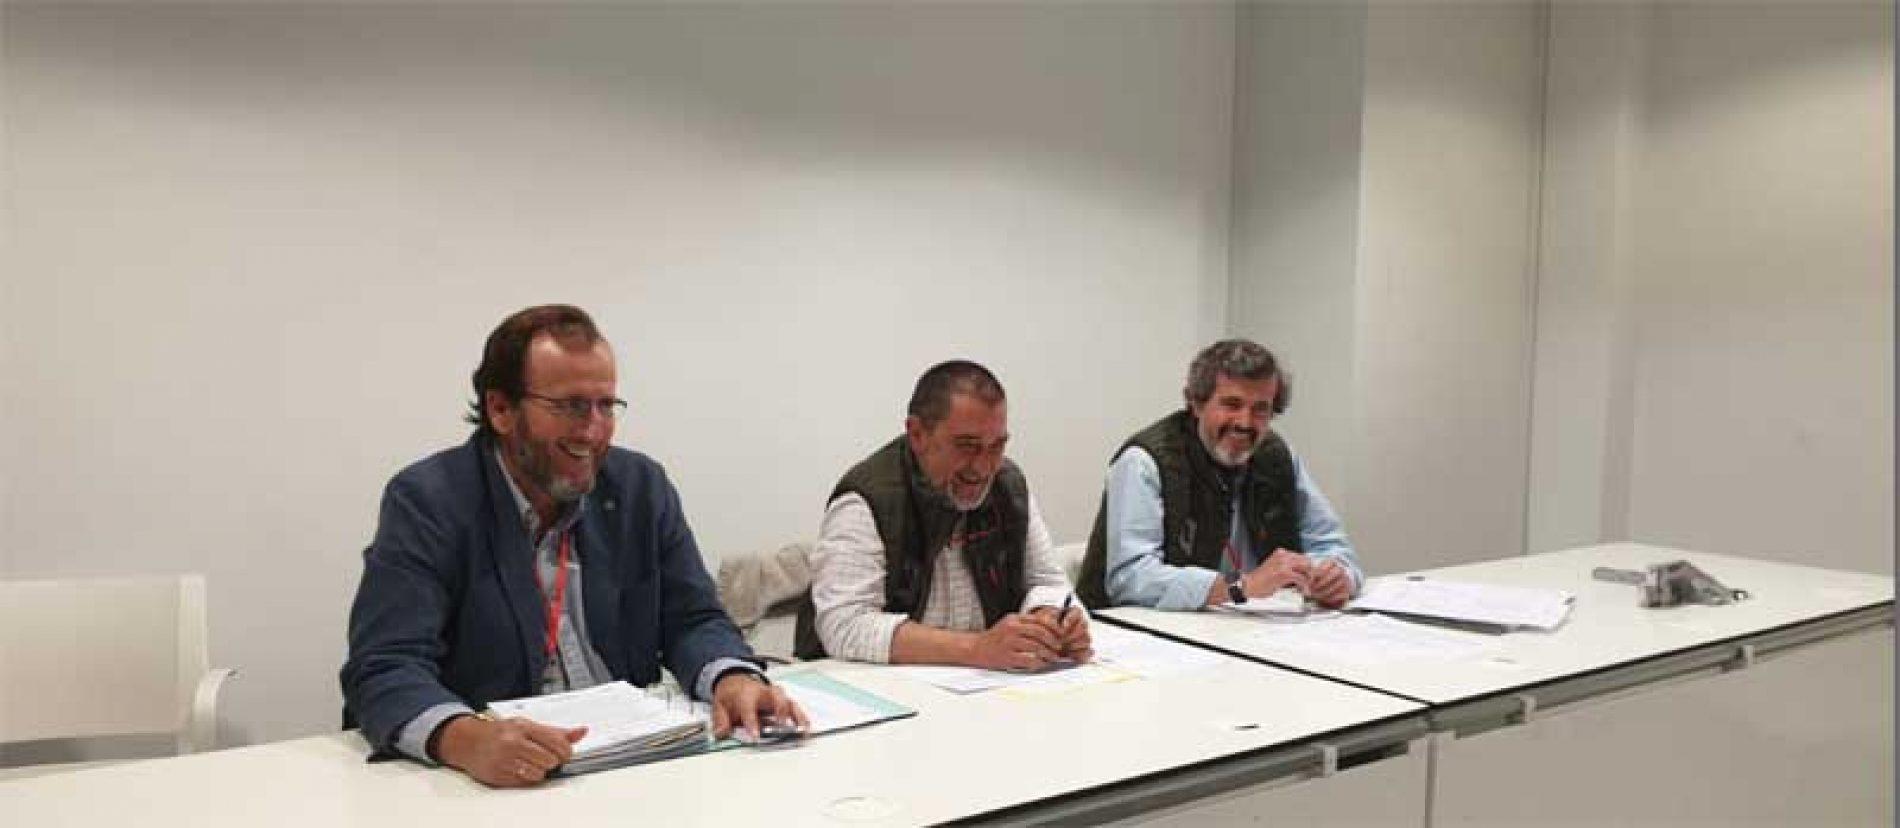 La Asociación del Corzo Español celebró su asamblea general de socios 2019 en cinegética